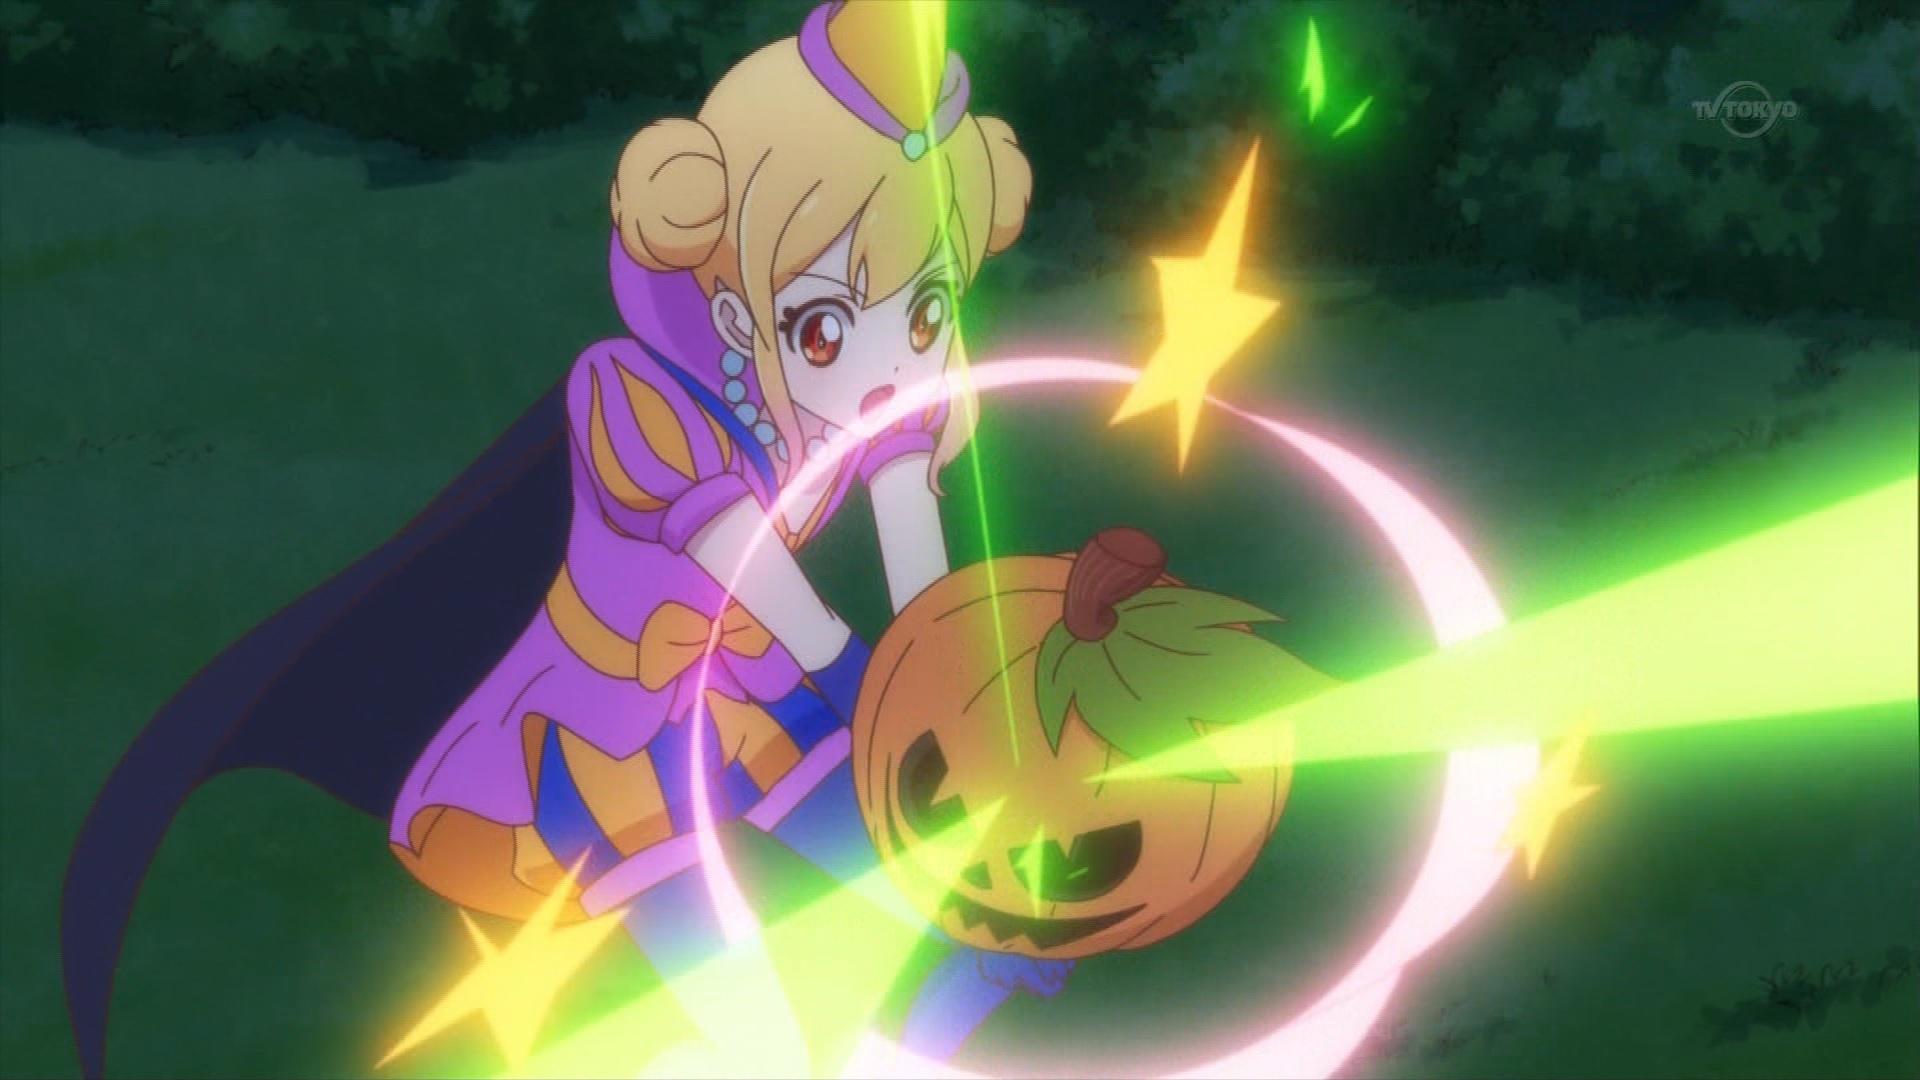 かぼちゃを返すゆめちゃん(第28話)